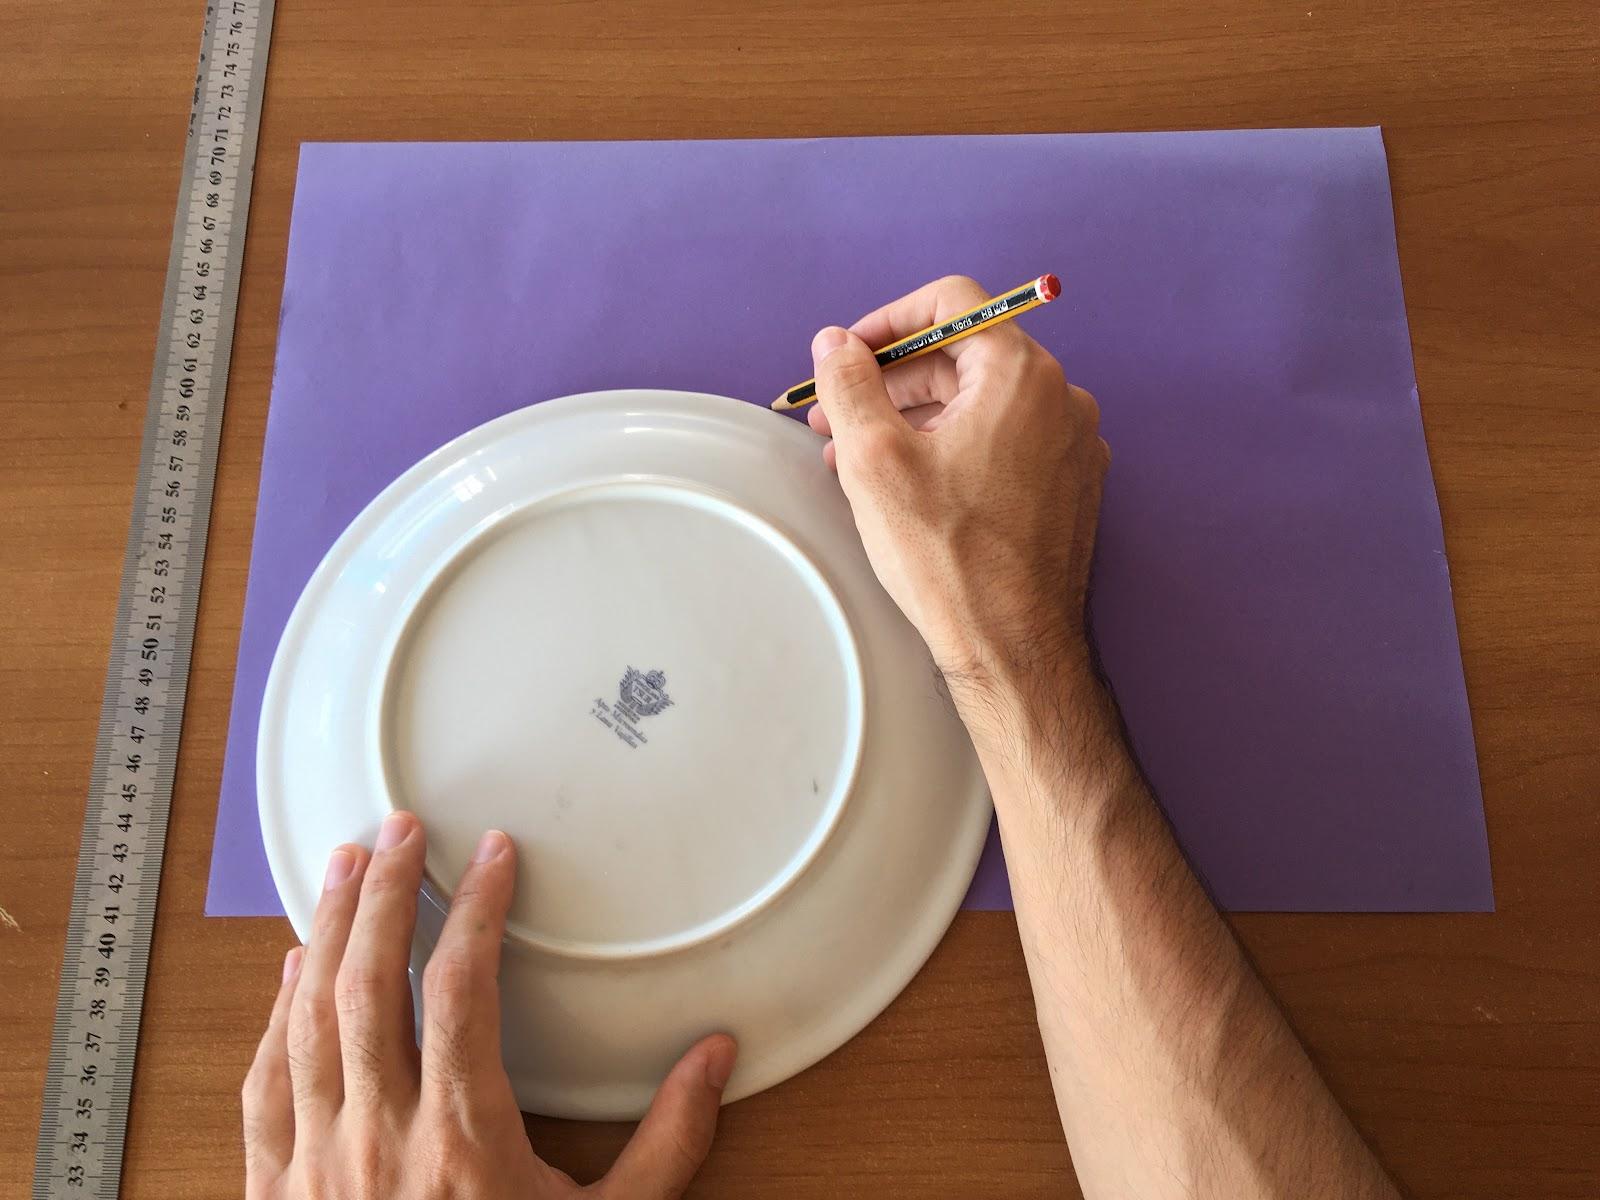 Trazado de un arco en lápiz sobre la cartulina de color utilizando el contorno de un plato.